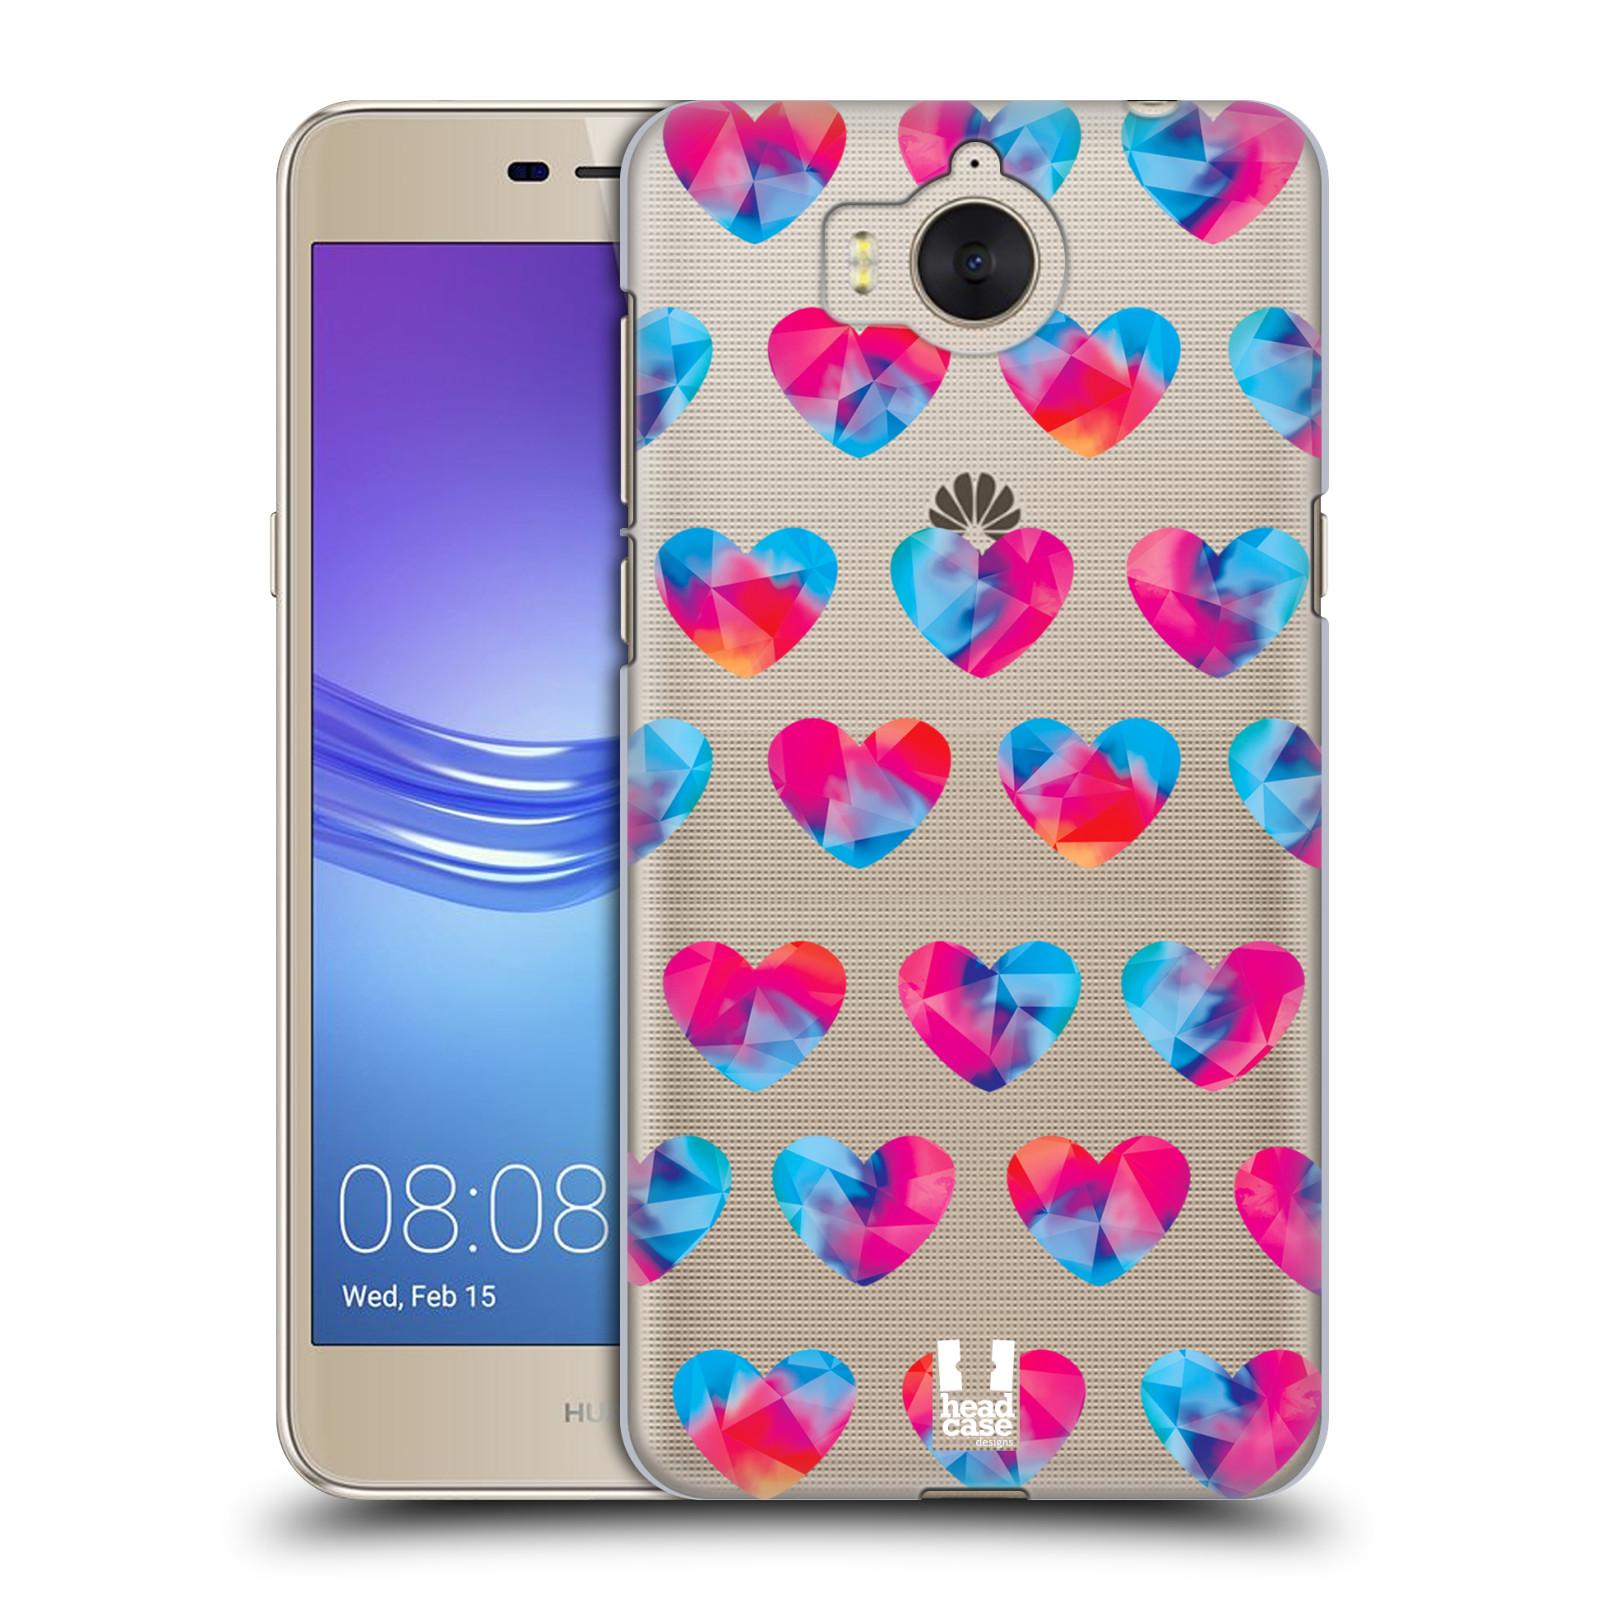 Plastové pouzdro na mobil Huawei Y6 2017 - Head Case - Srdíčka hrající barvami